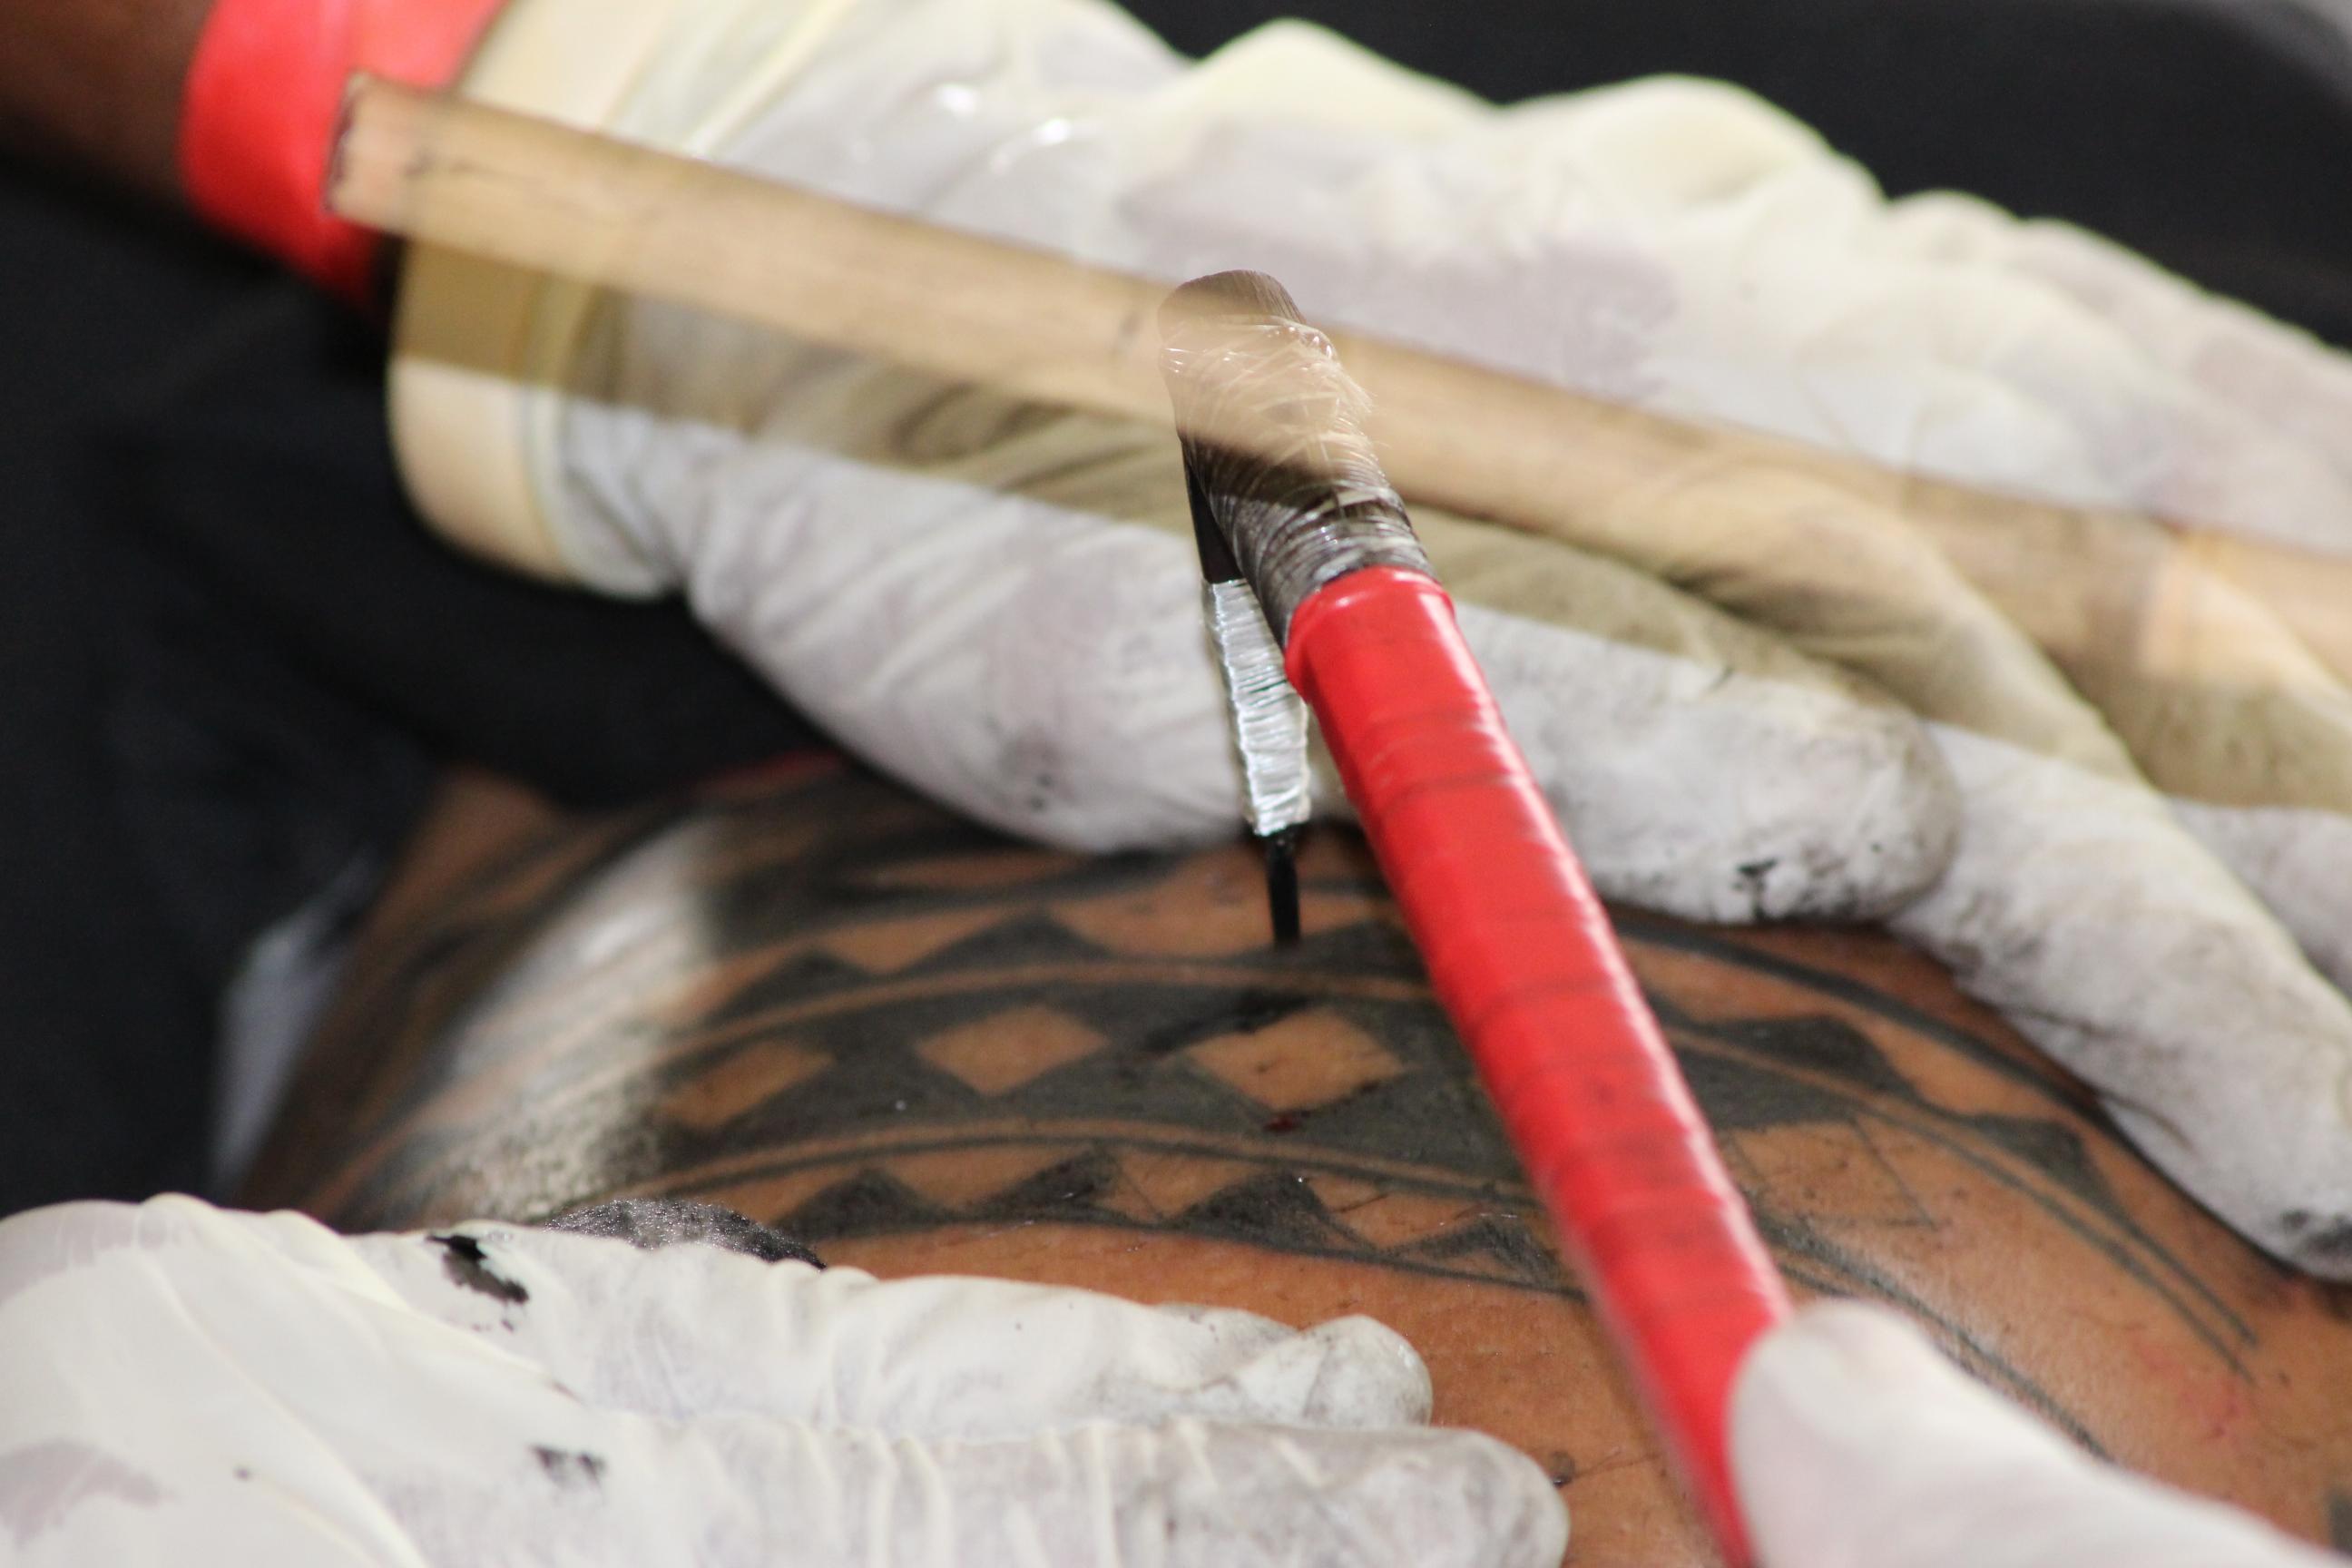 La communauté des tatoueurs réfléchit à la mise en place d'un label